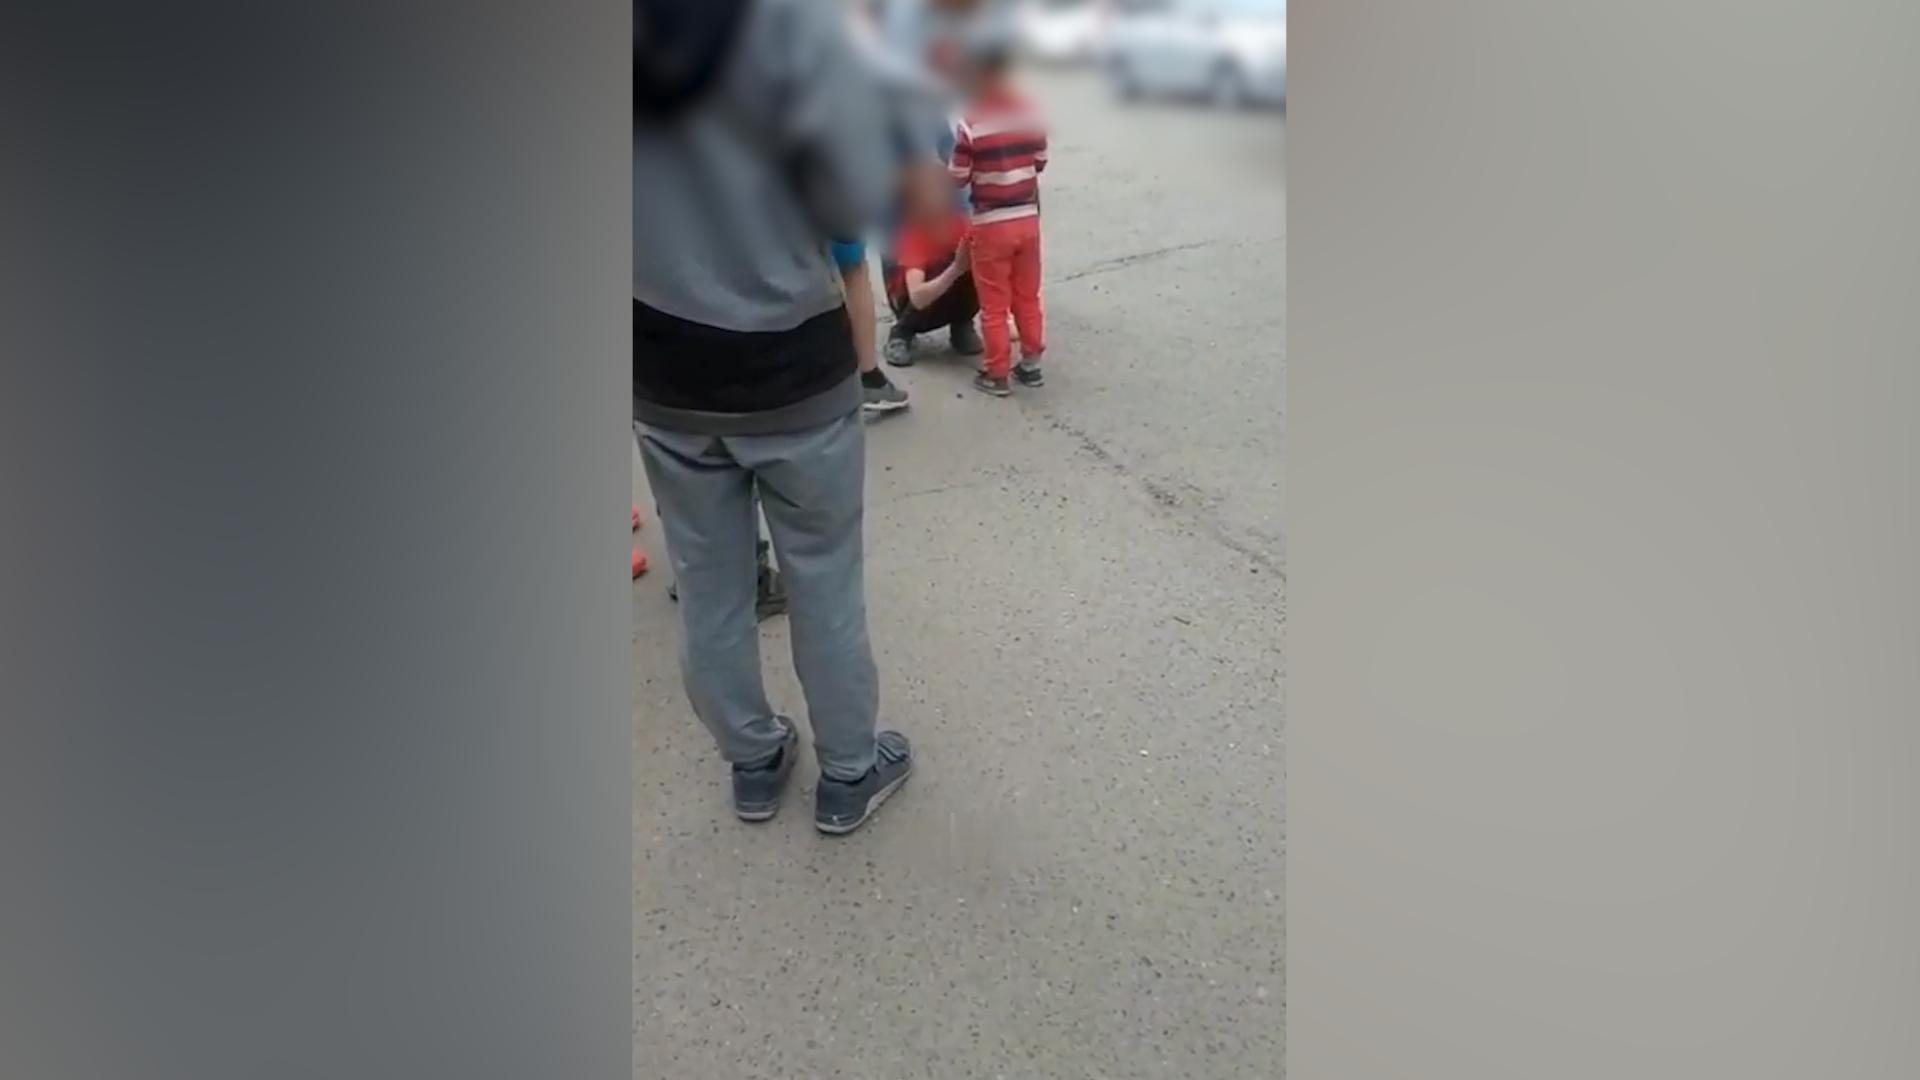 """В Красноярске """"яжемать"""" прилюдно поставила на колени """"обидчика"""" сына и заставила извиниться"""